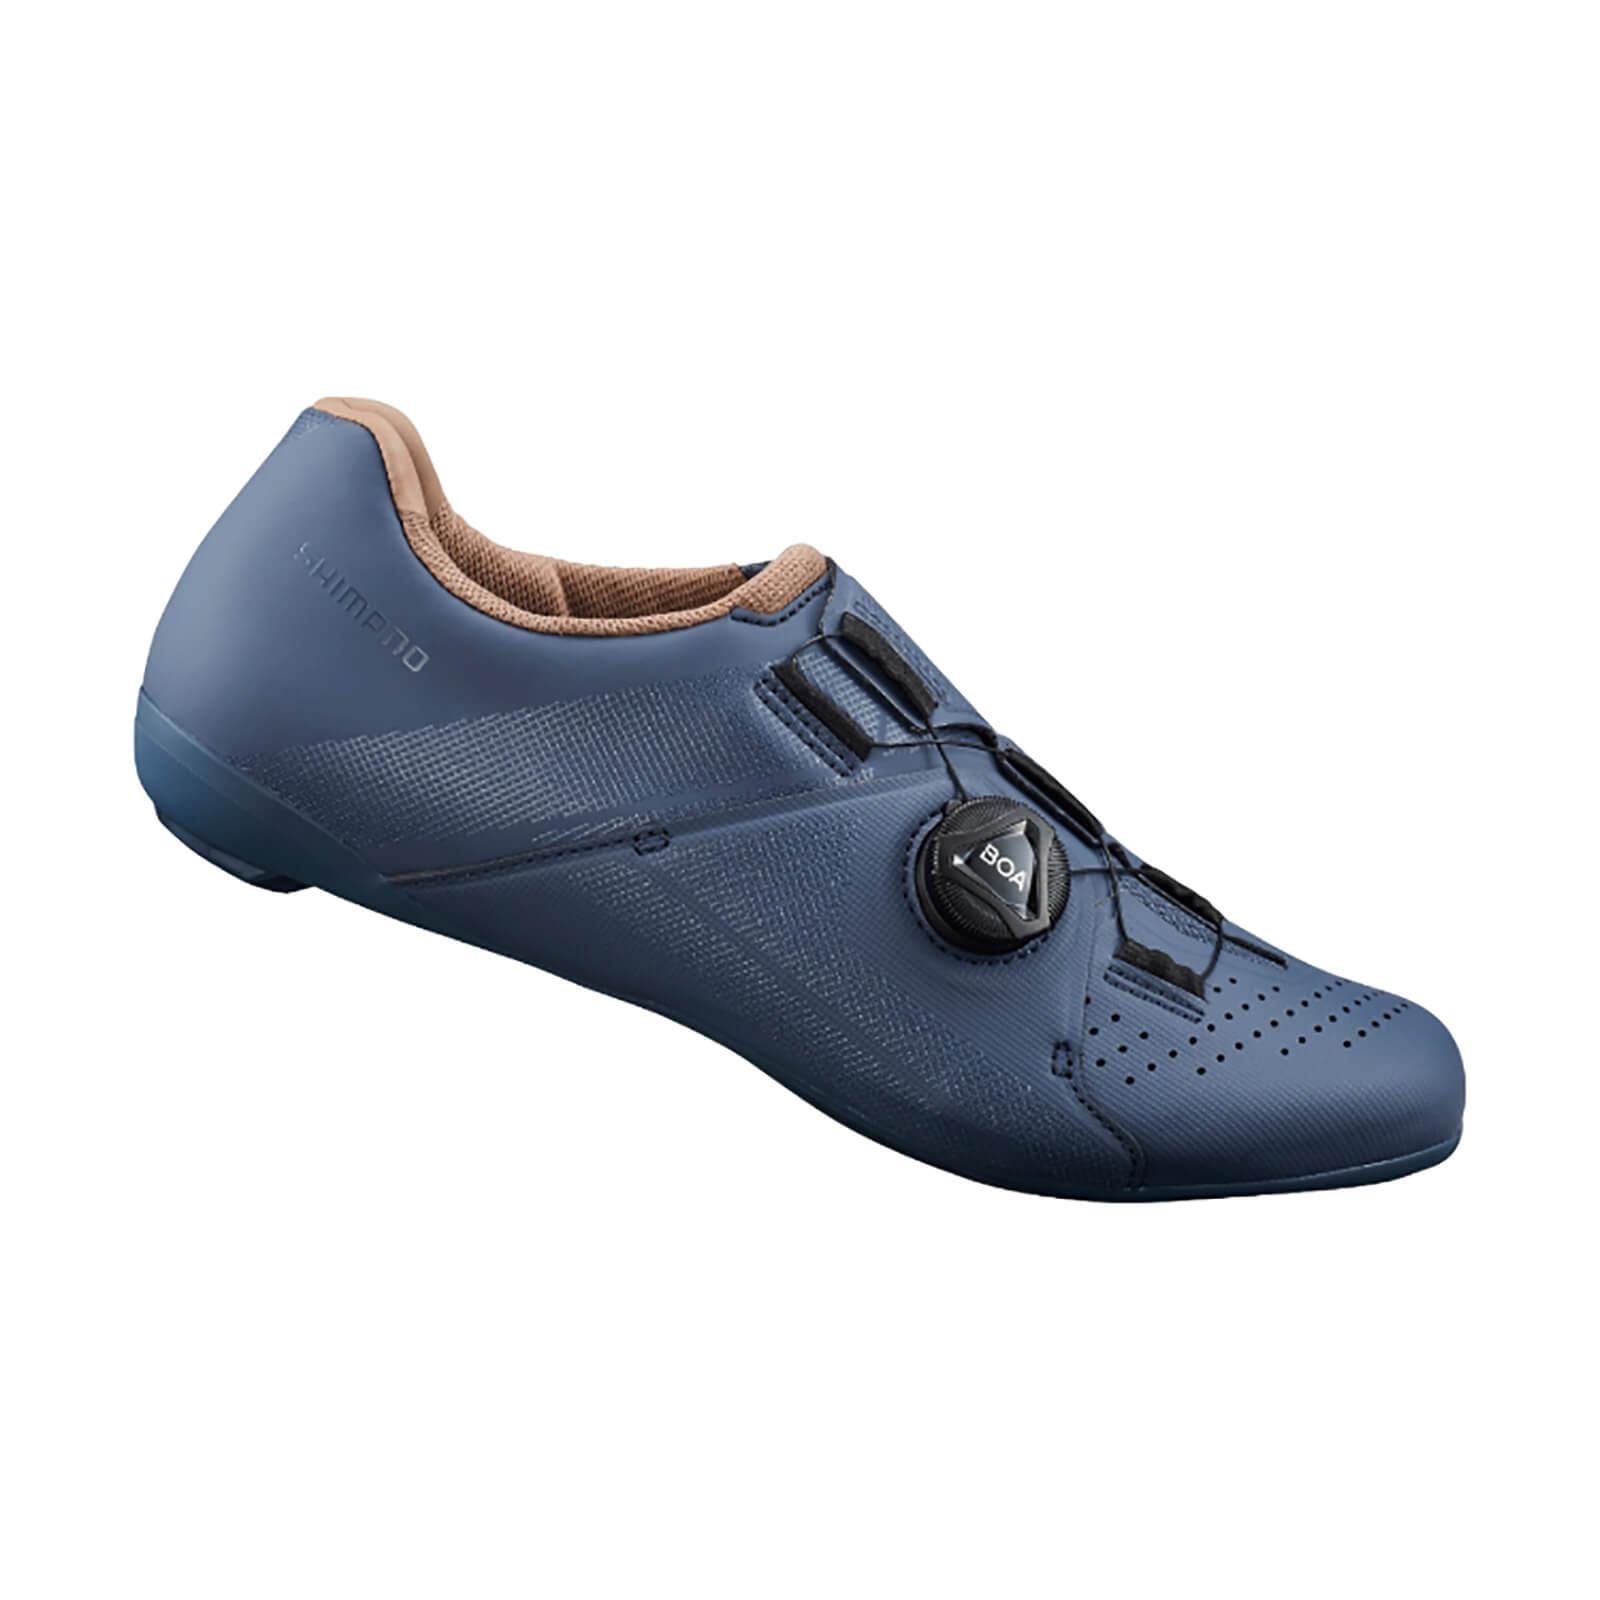 Shimano Women's SH-RC300W Road Shoes - EU 39 - Indigo Blue